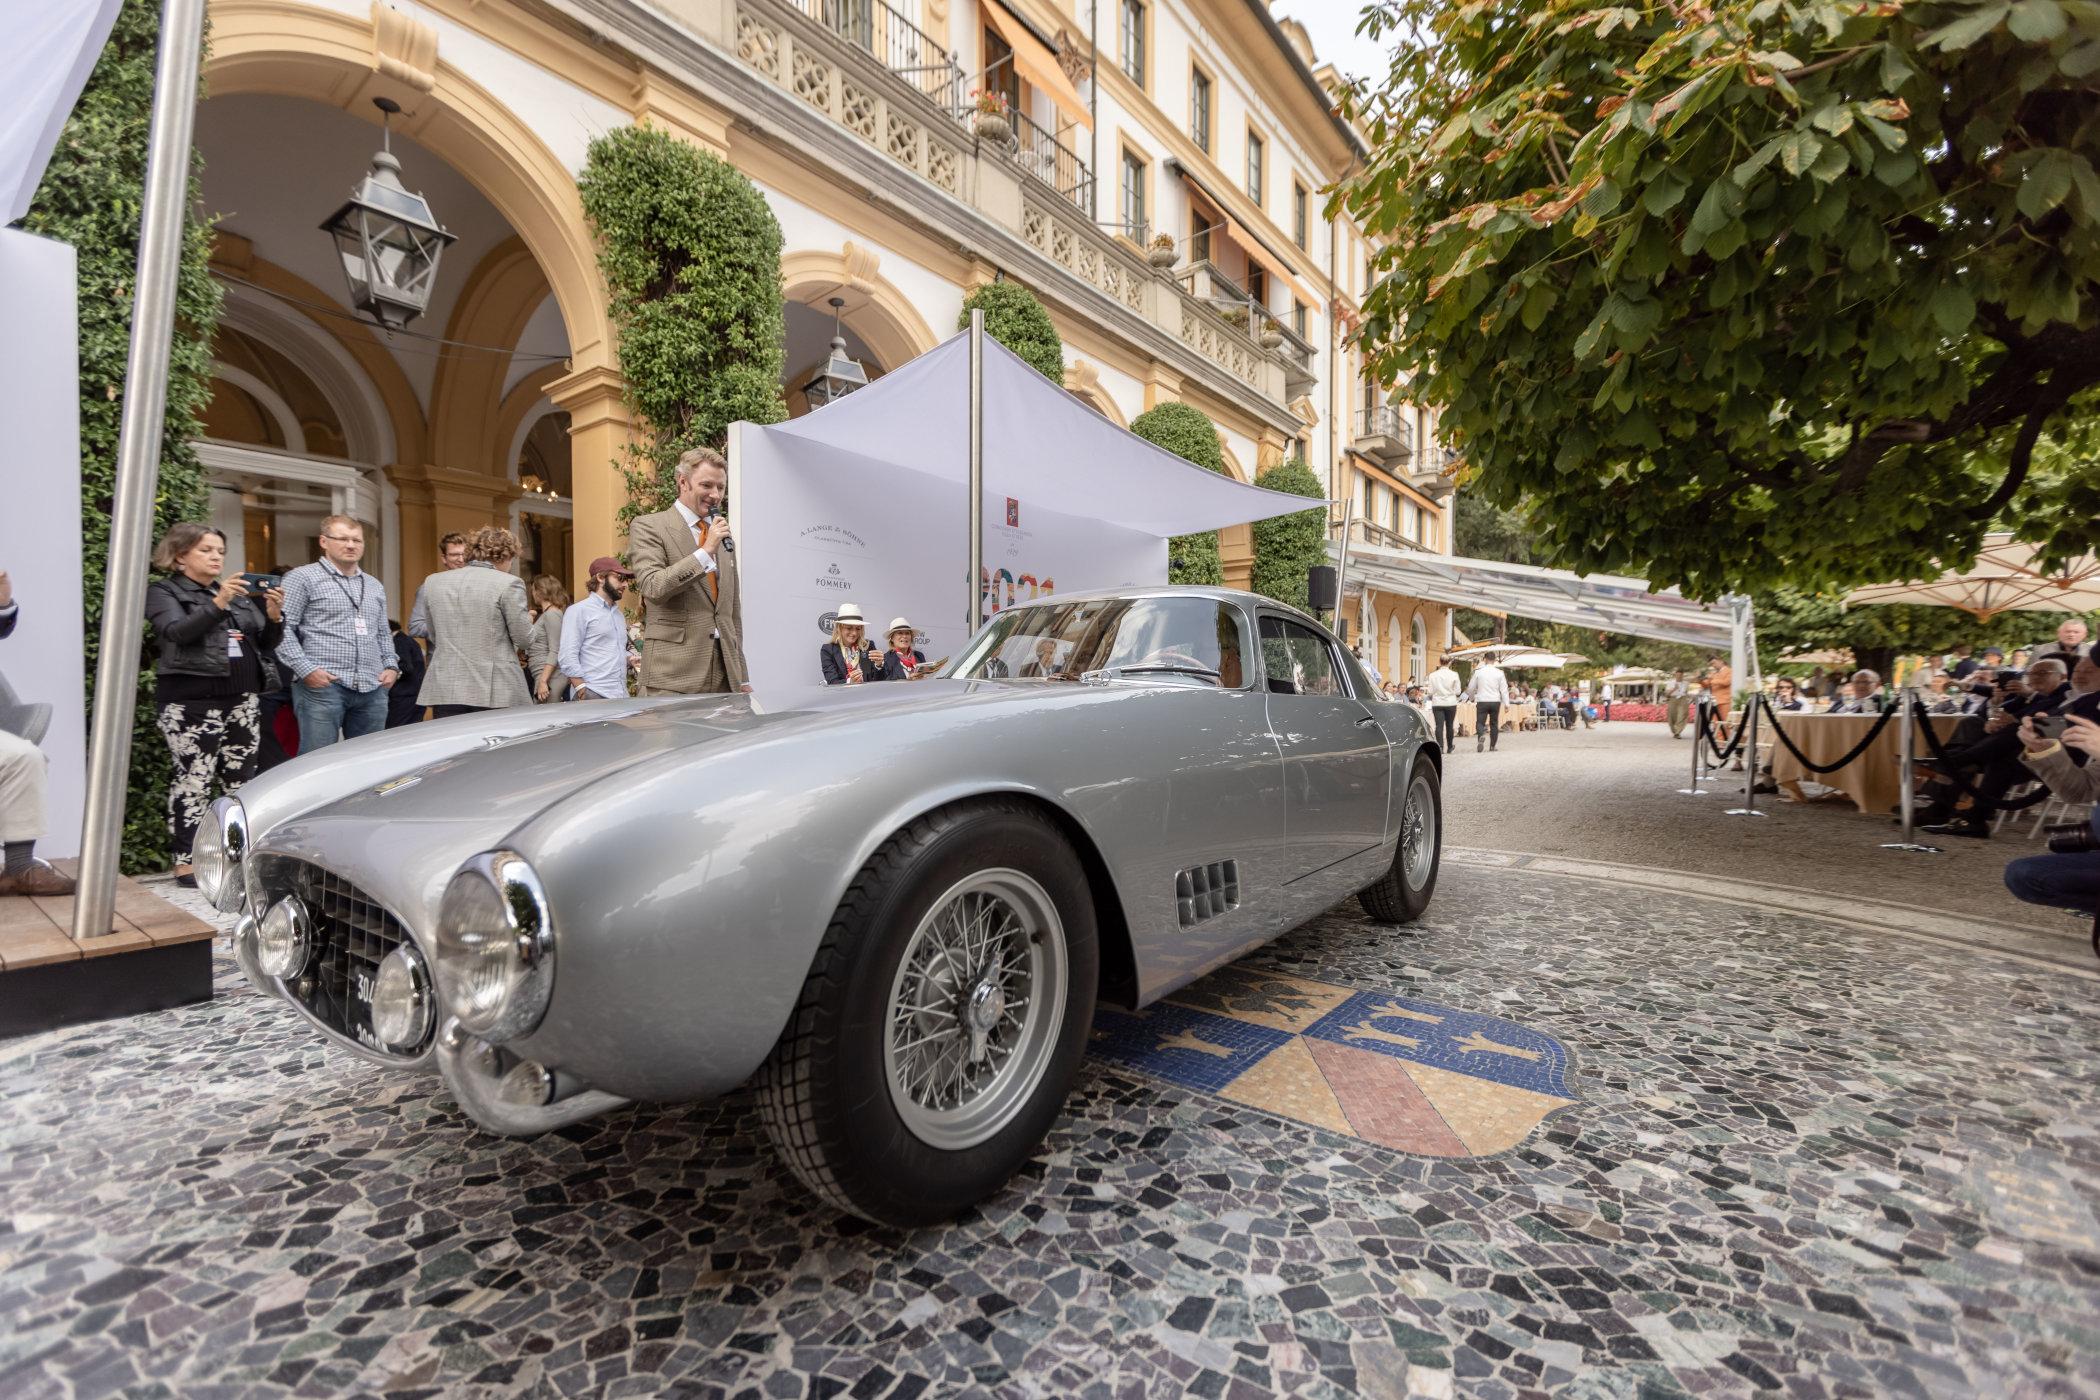 Concorso d'Eleganza Villa d'Este 2021 A. Lange & Söhne 1953 Ferrari 250 GT TdF Best of Show 1